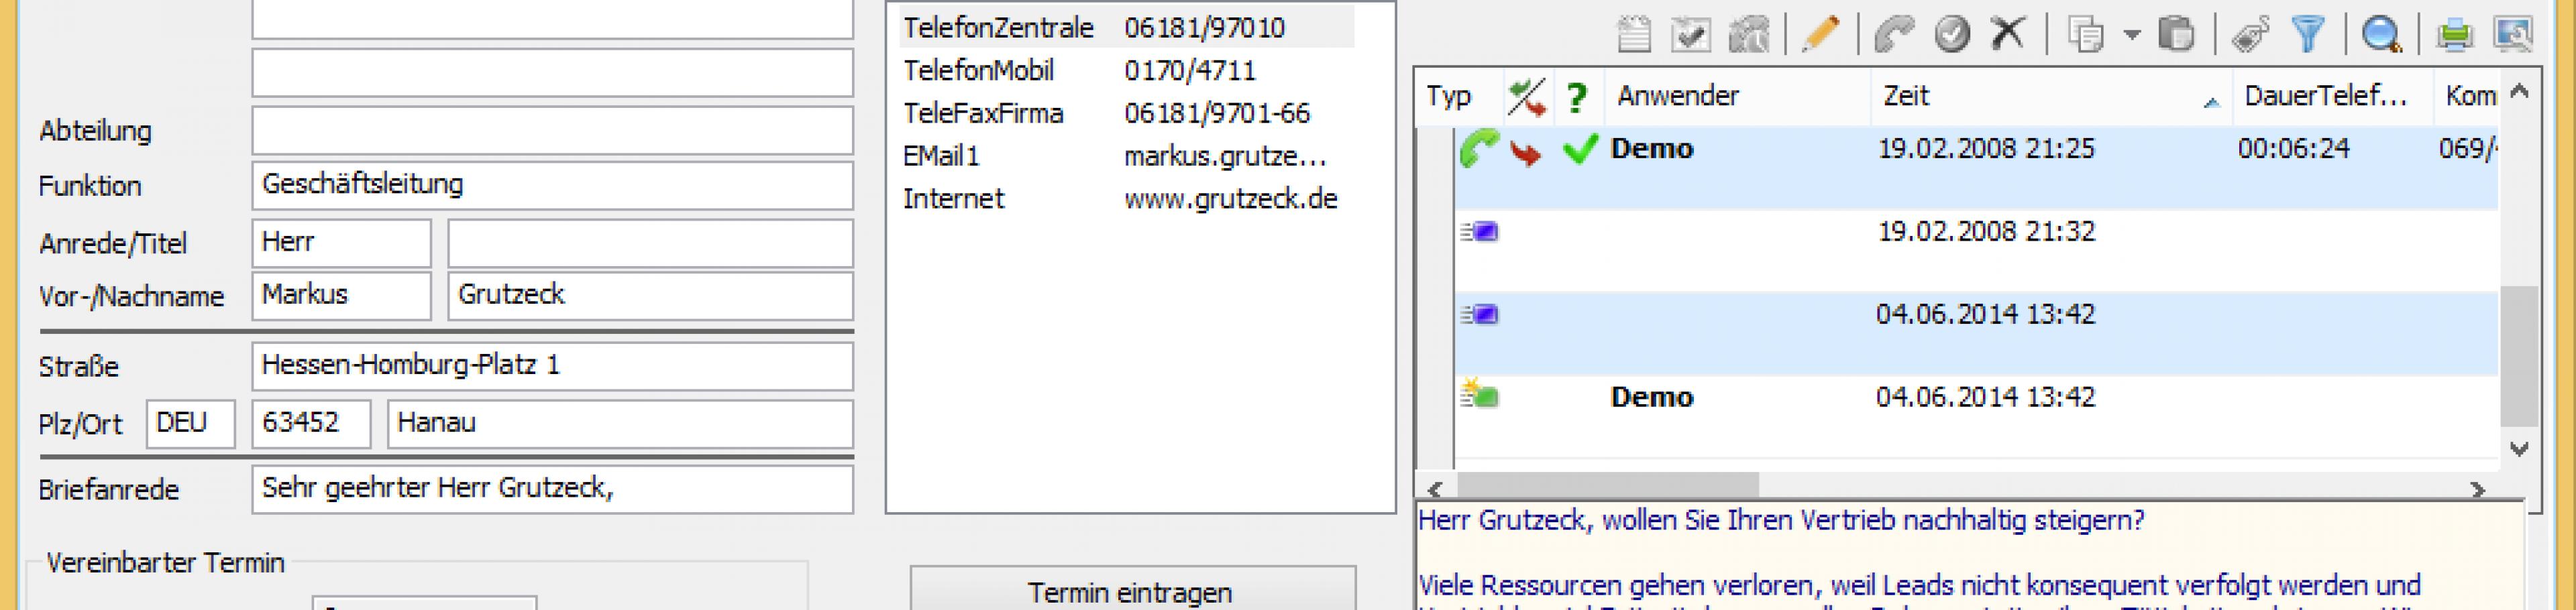 AG-VIP SQL: telefonische Terminvereinbarung - Außendienst Routenplaner